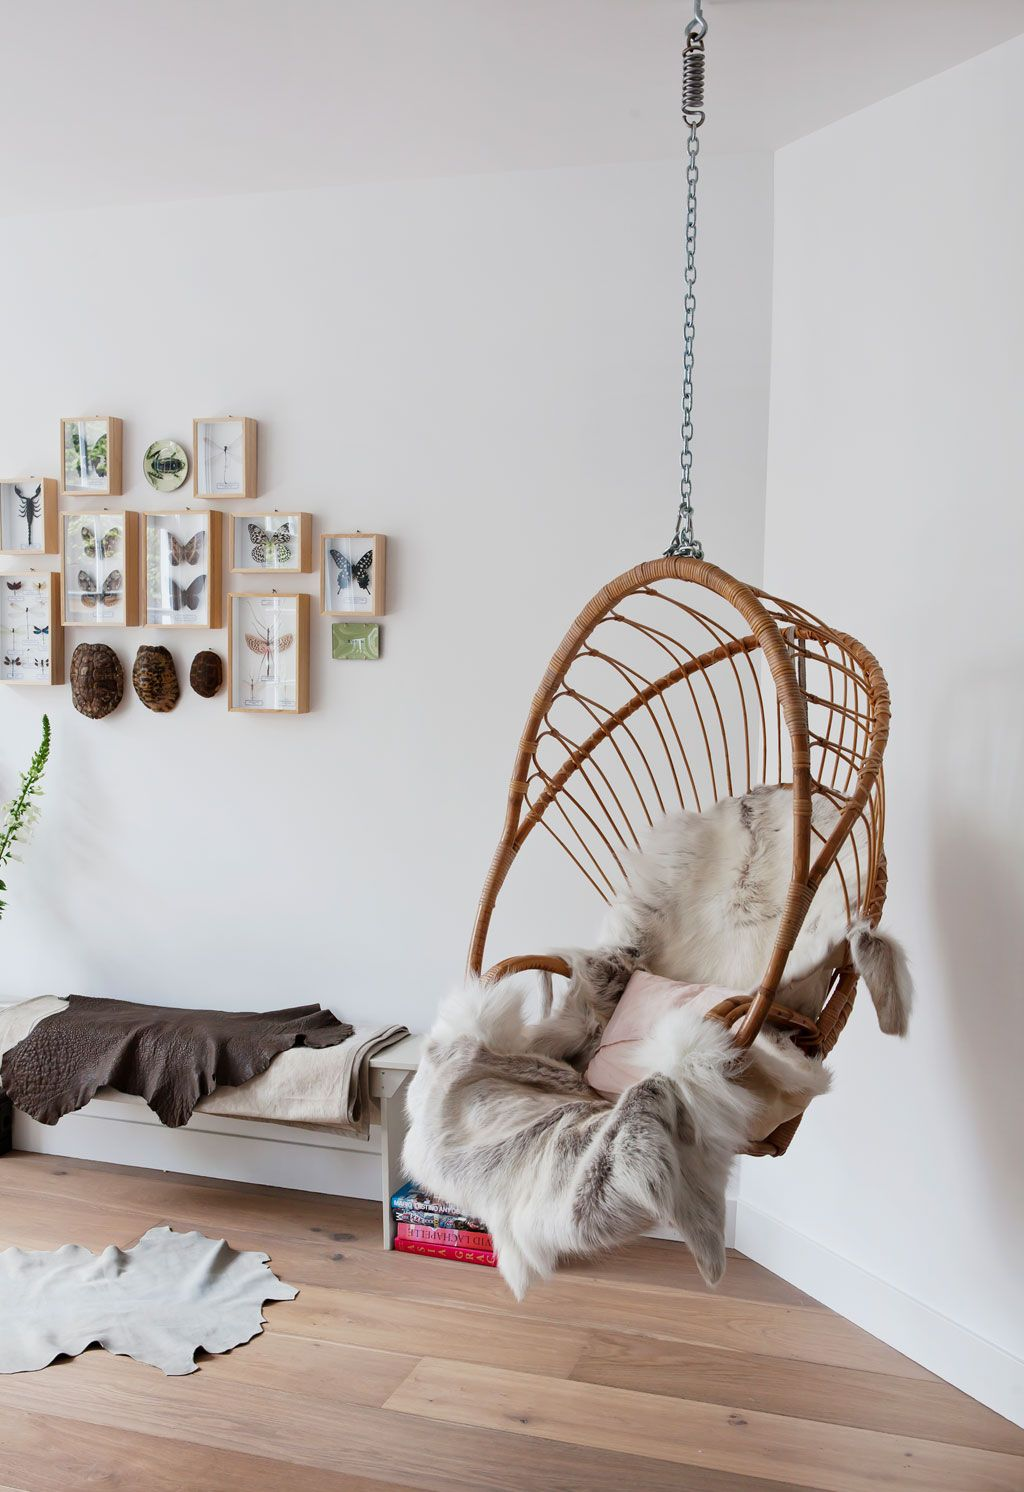 Schommelstoel Aan Plafond.Wie Wil Dat Nou Niet Zo N Schommelstoel Aan Het Plafond